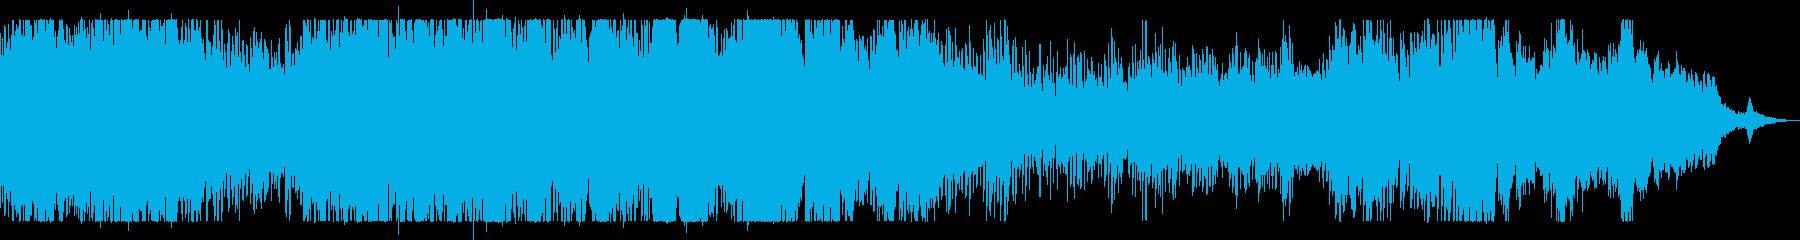 雨粒の水滴の煌めきを表現したピアノソロの再生済みの波形